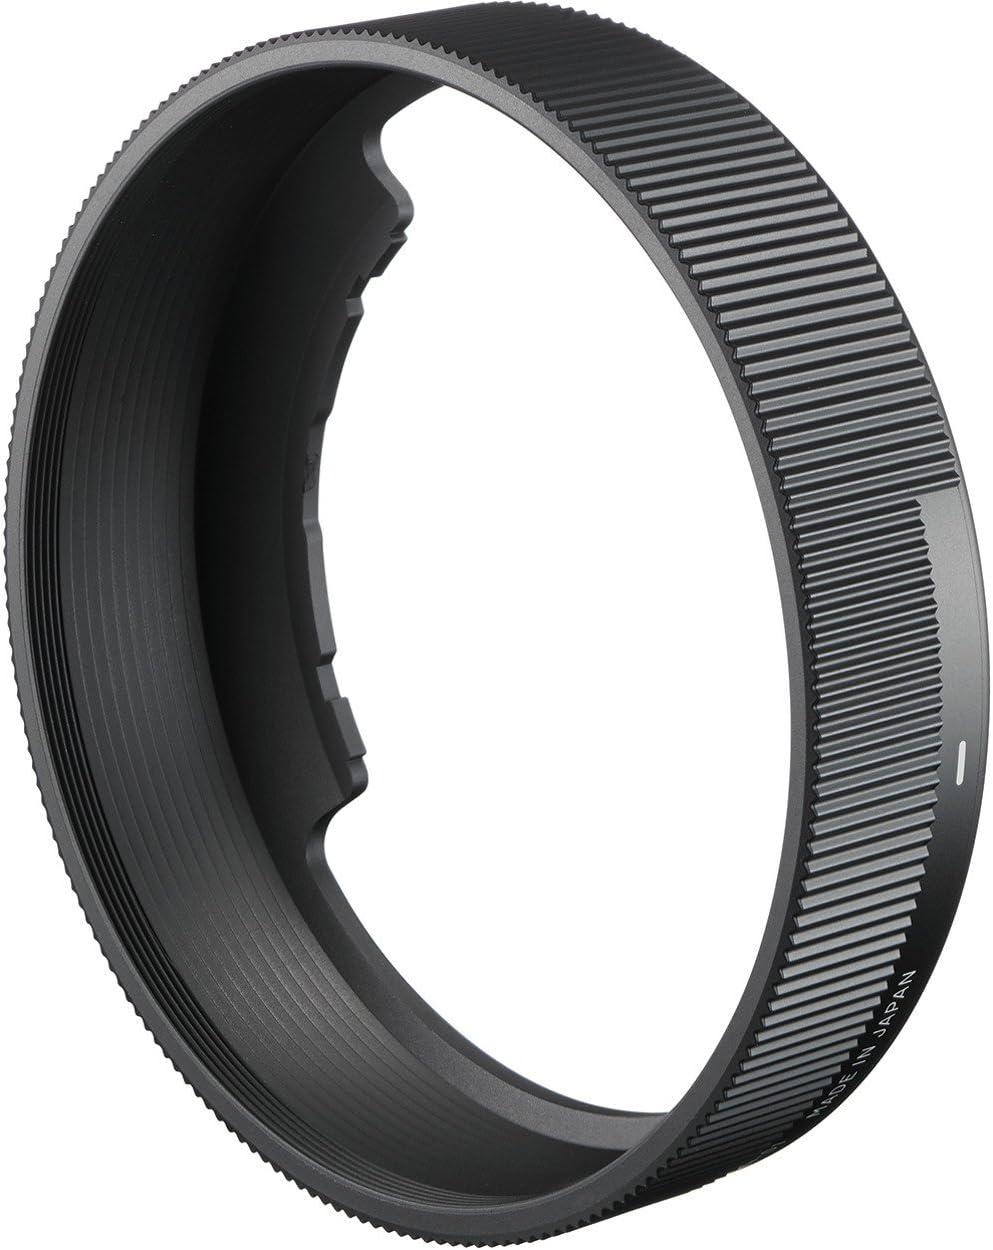 Sigma LH4-01 Lens Hood for DP-2 Quattro Cameras